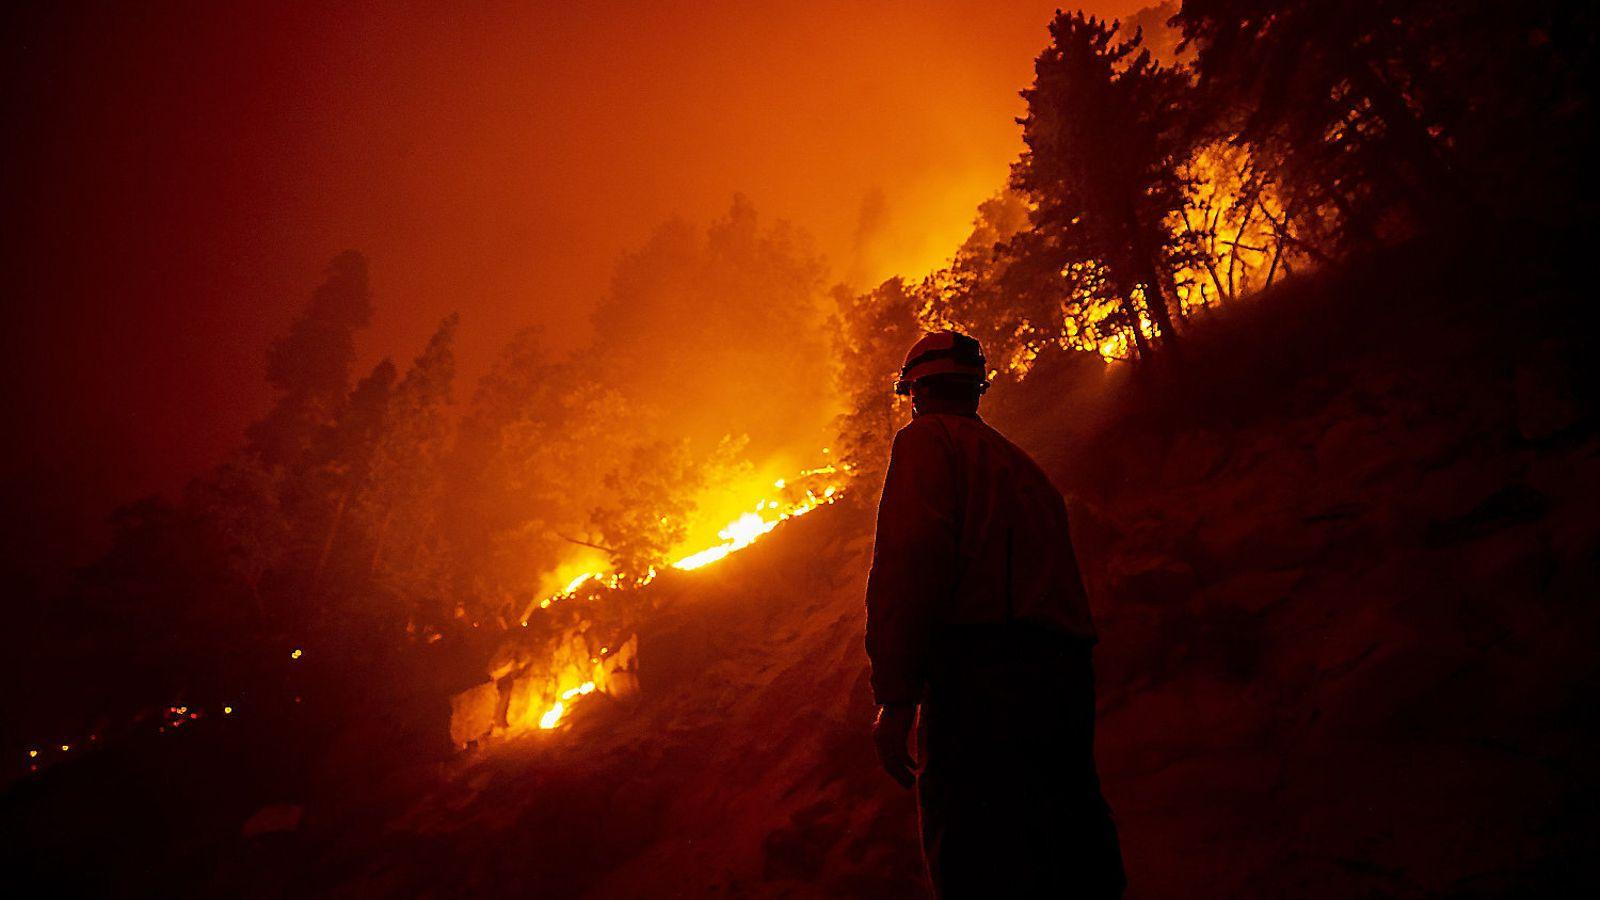 Десятая часть всех гигантских секвой мира погибла в одном пожаре 2020 года